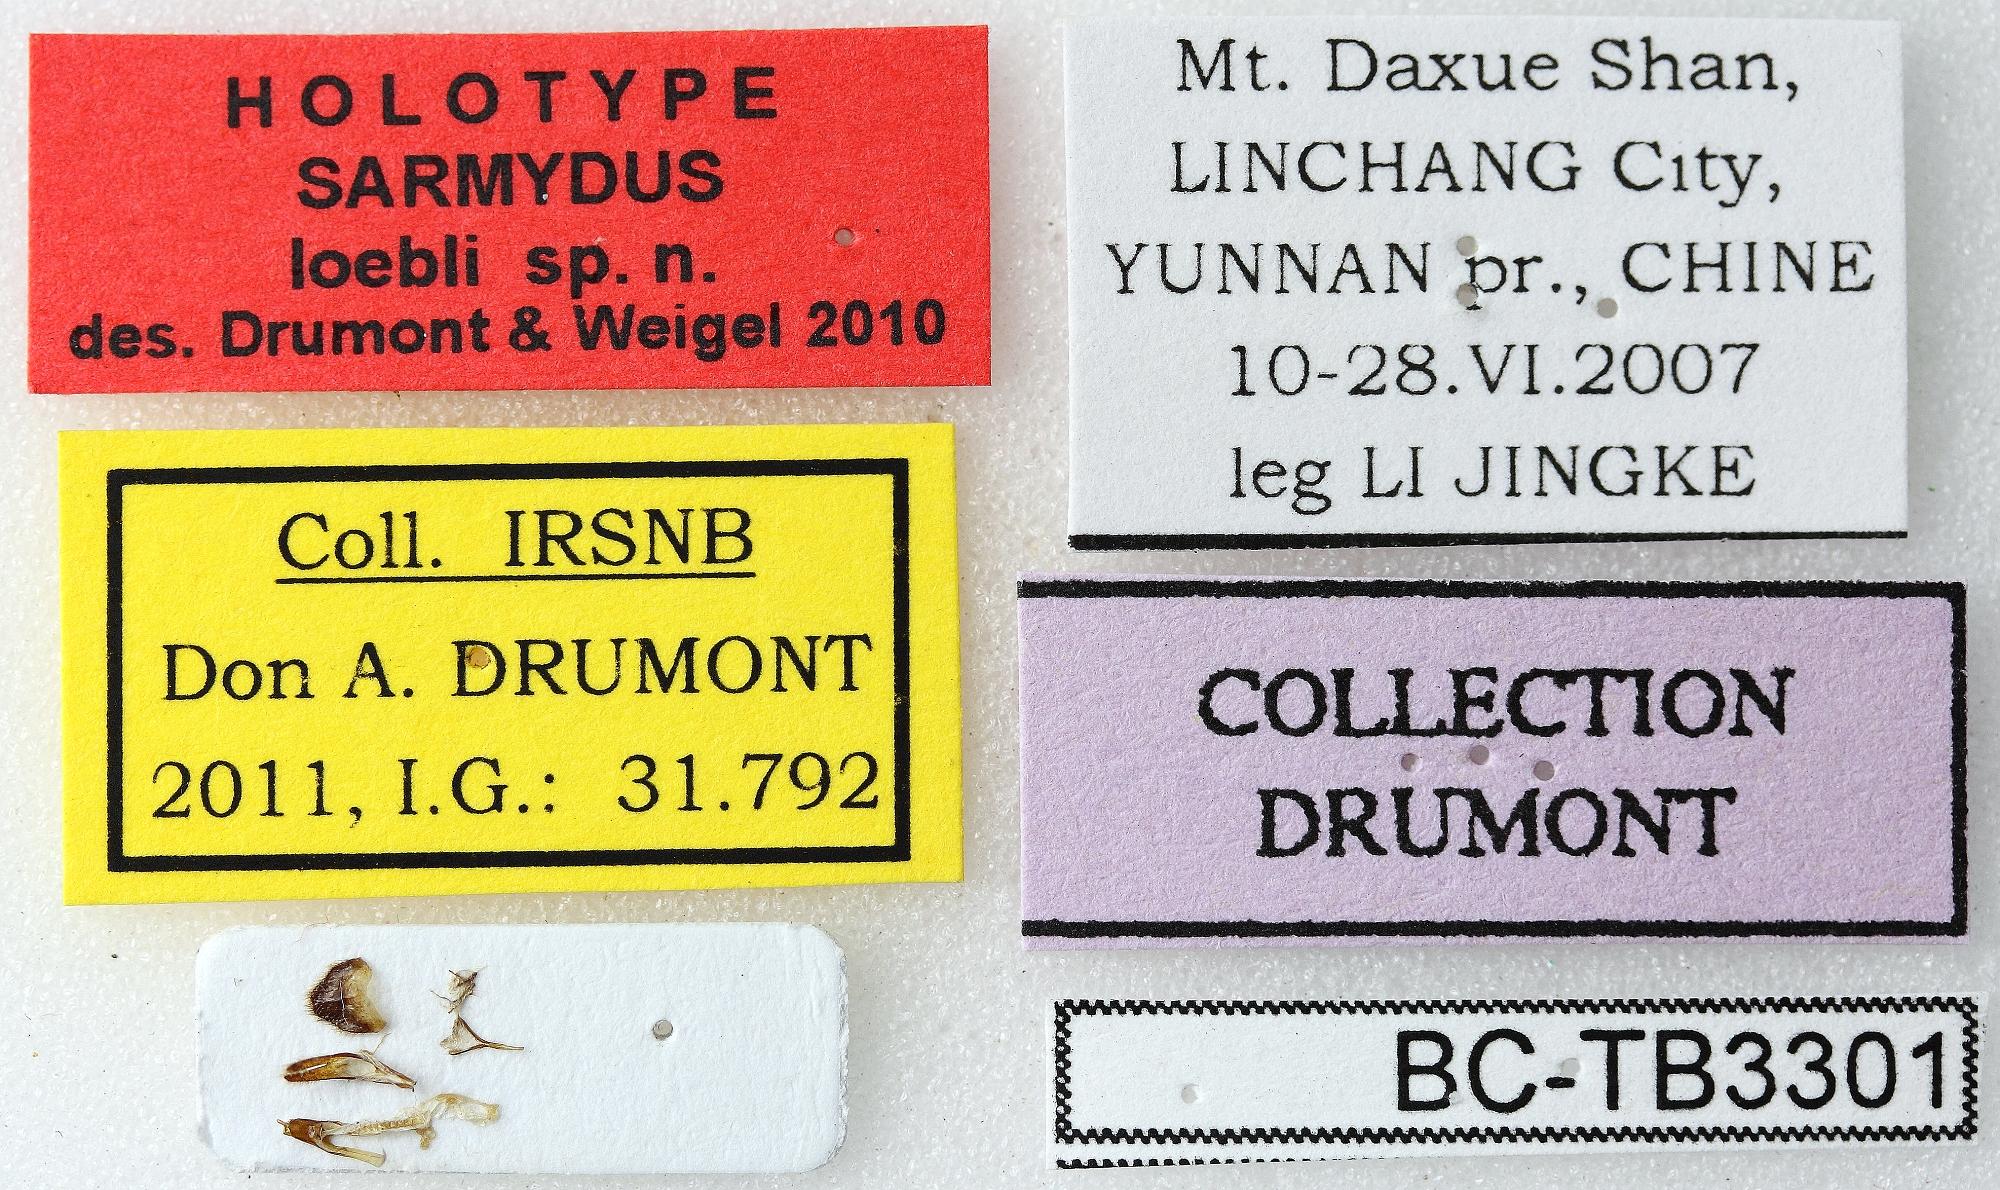 Sarmydus loebli 01 00 Holotype X 019 BRUS 201405.jpg